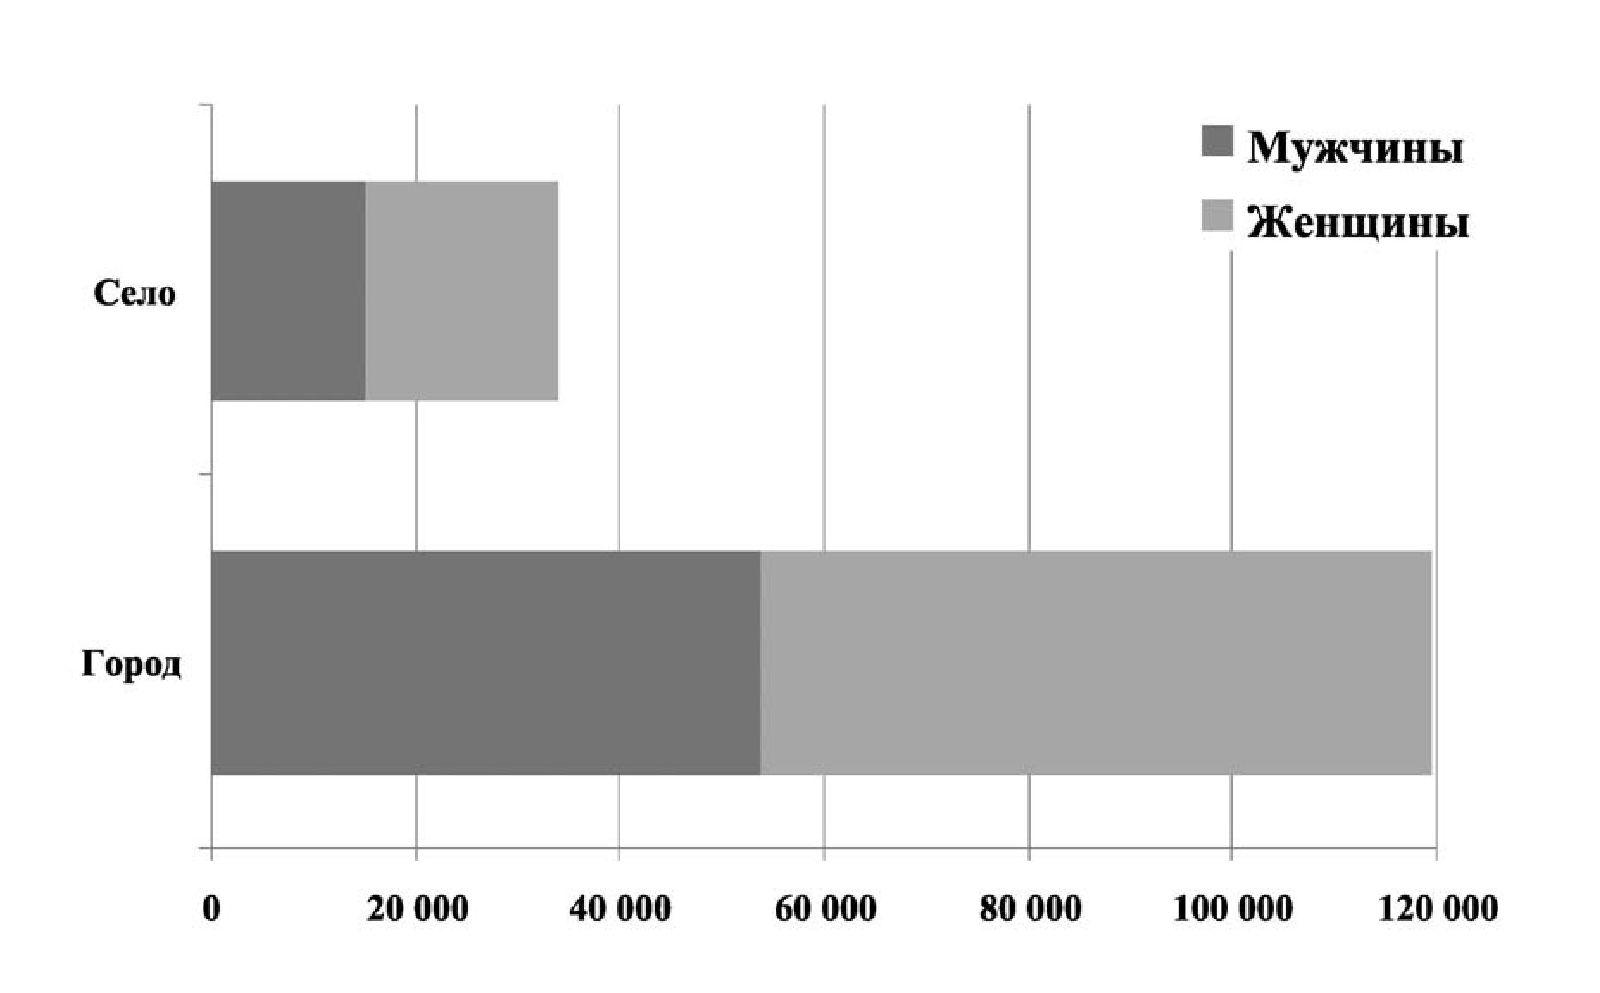 Рис. 2 а. Распределение украинцев по полу (тыс. чел.) (2009)